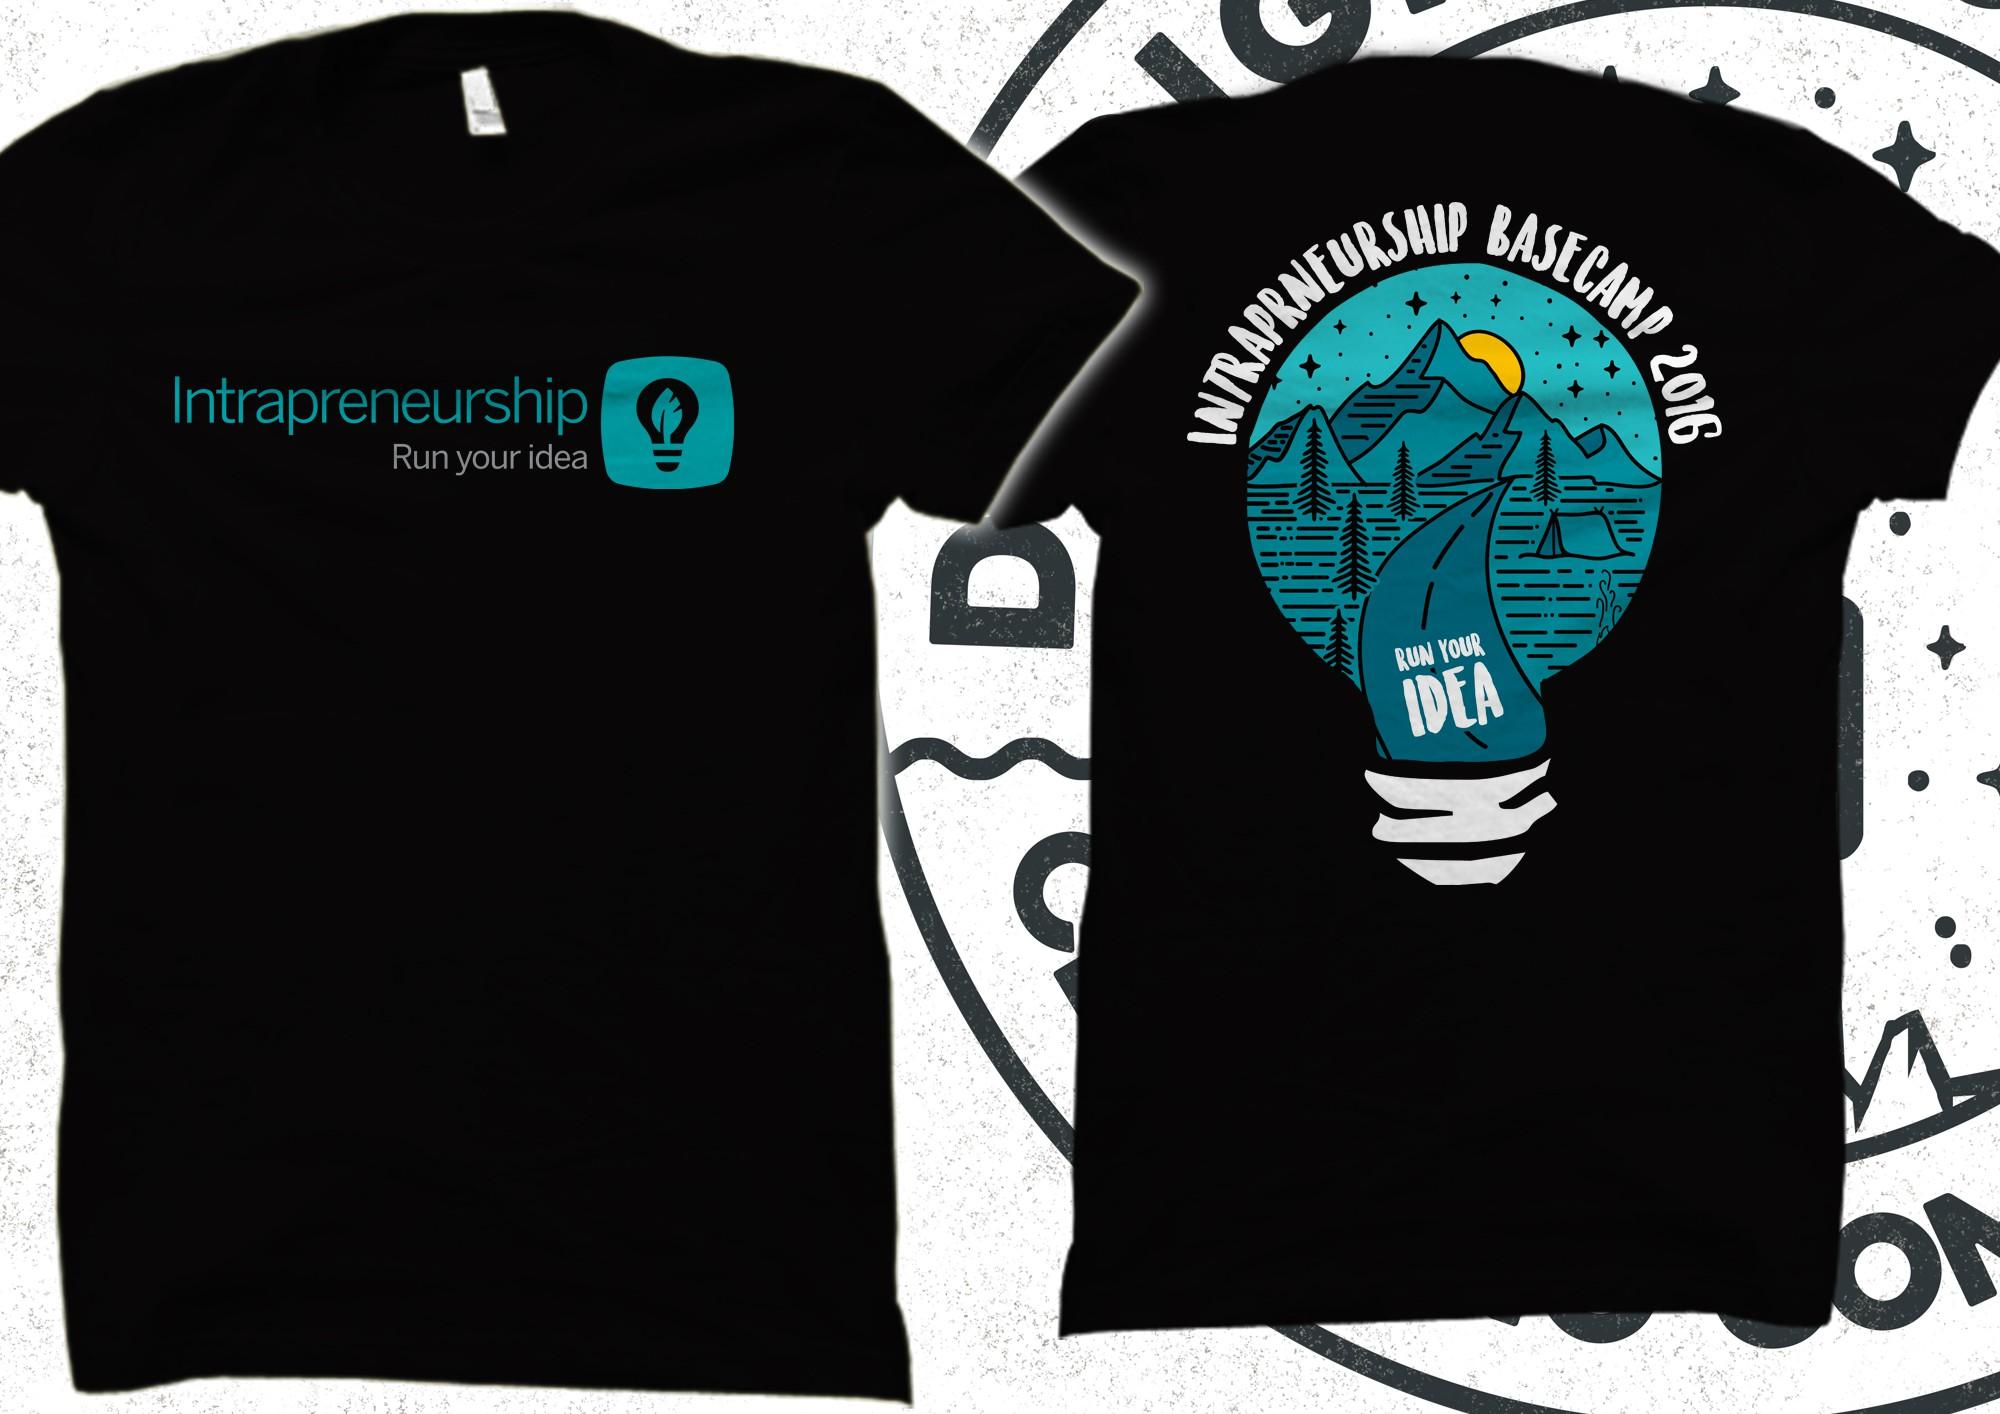 SAP Intrapreneurship Program - Design our Event Swag!